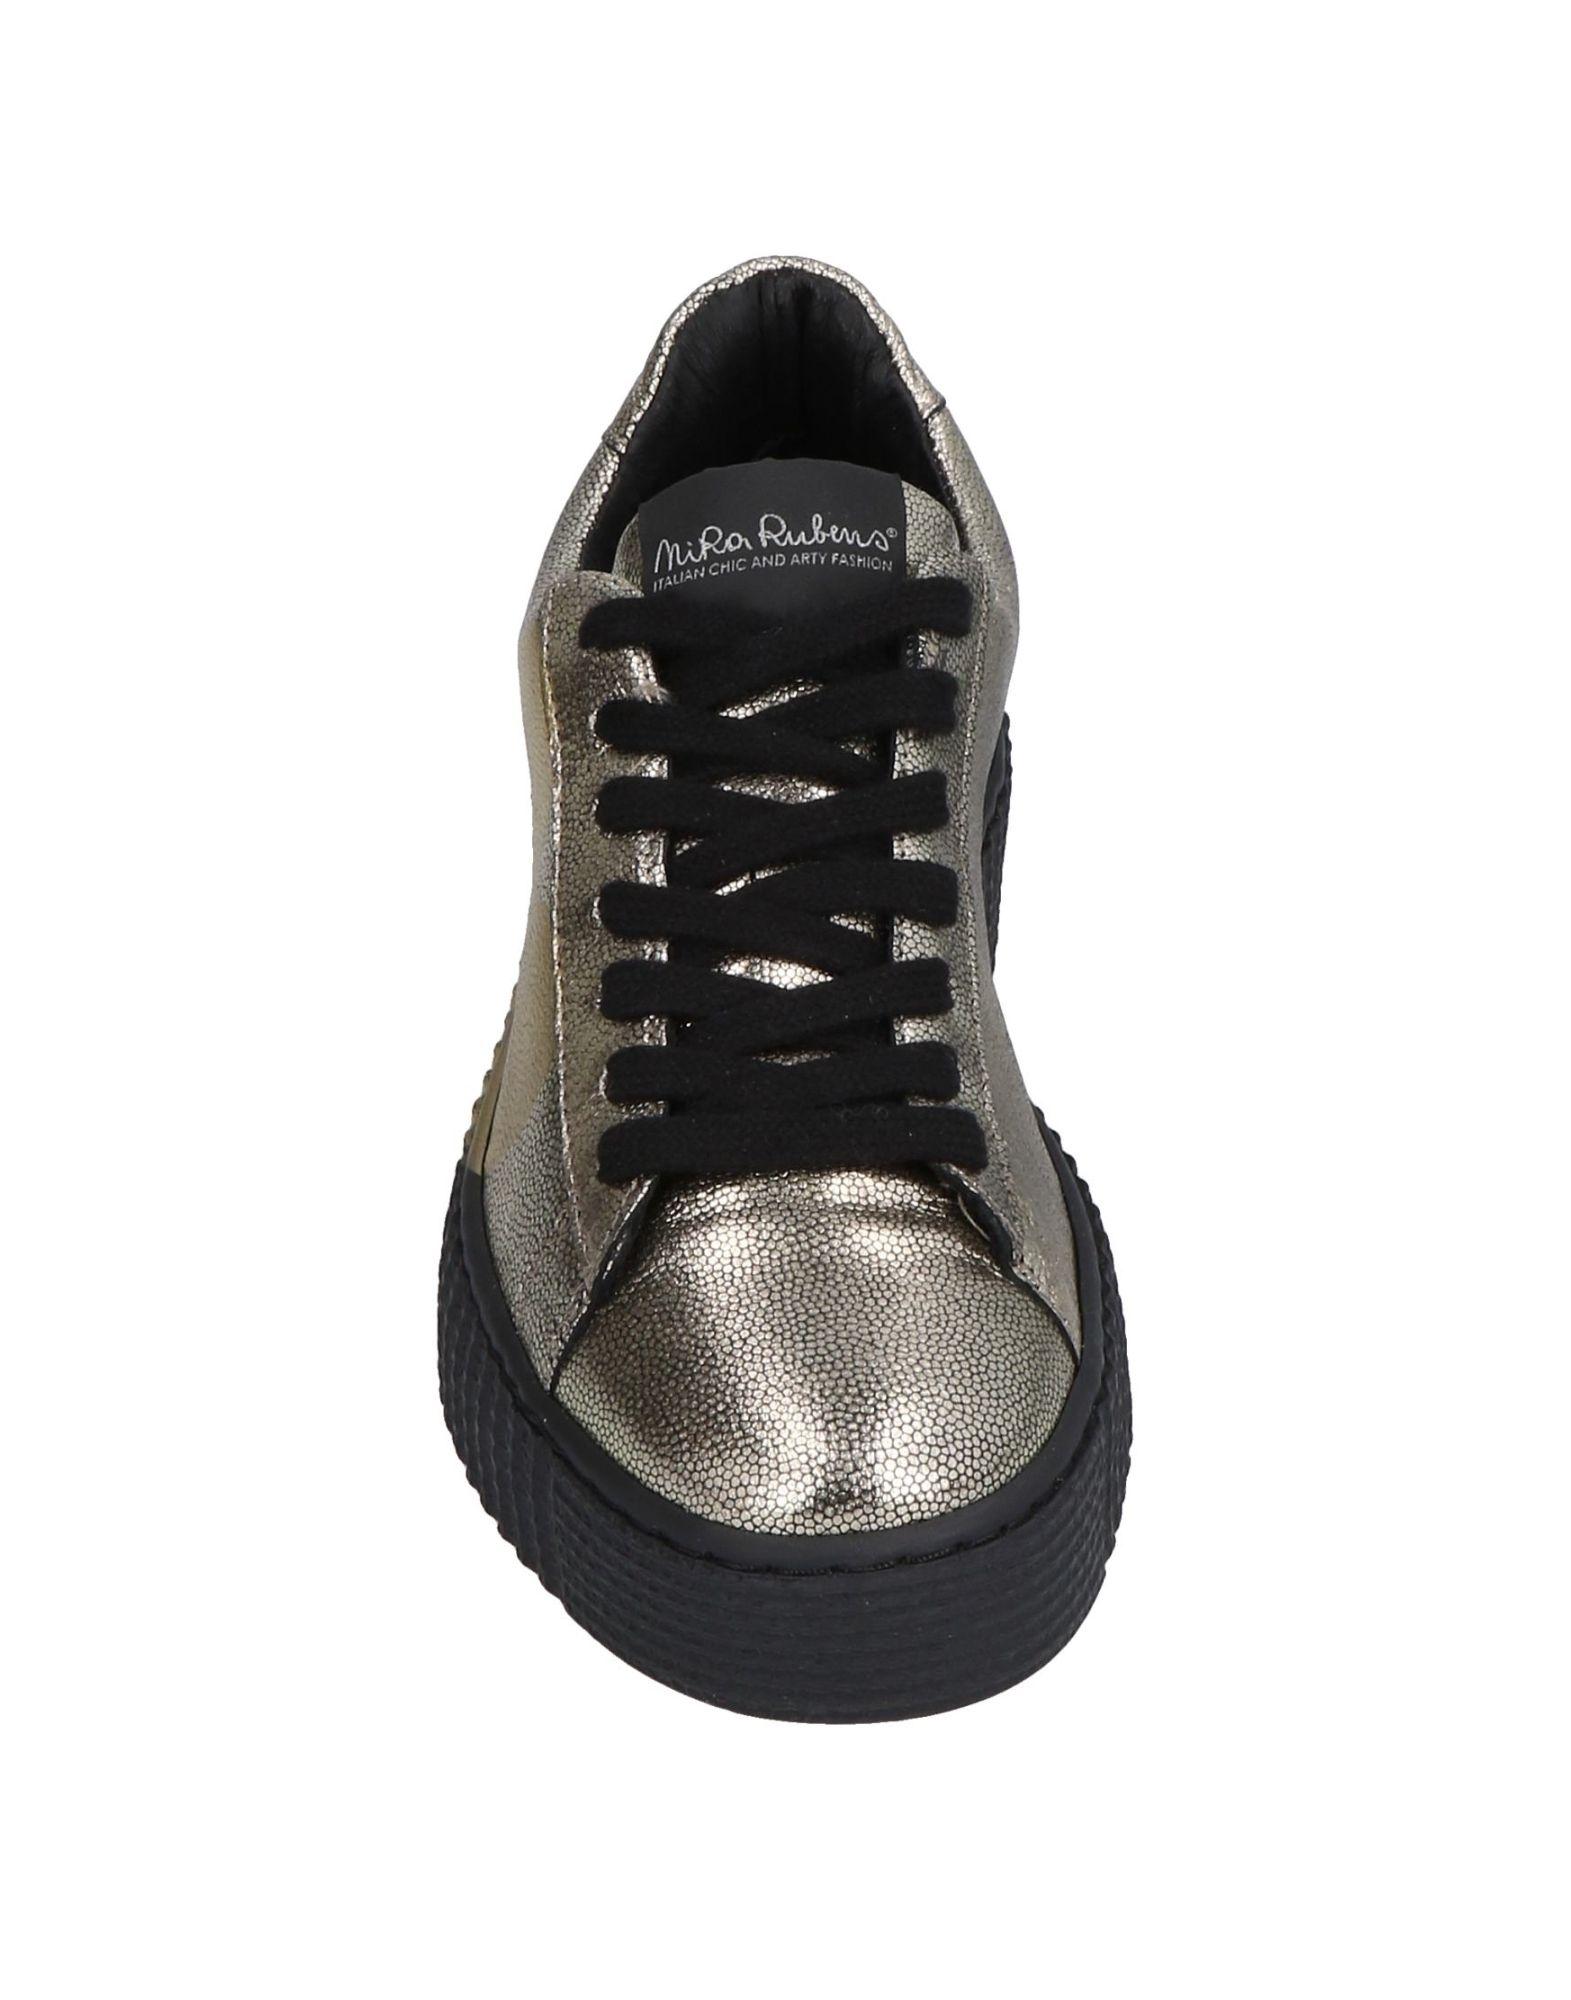 Nira Rubens Sneakers Qualität Damen  11486129FH Gute Qualität Sneakers beliebte Schuhe 3e1304